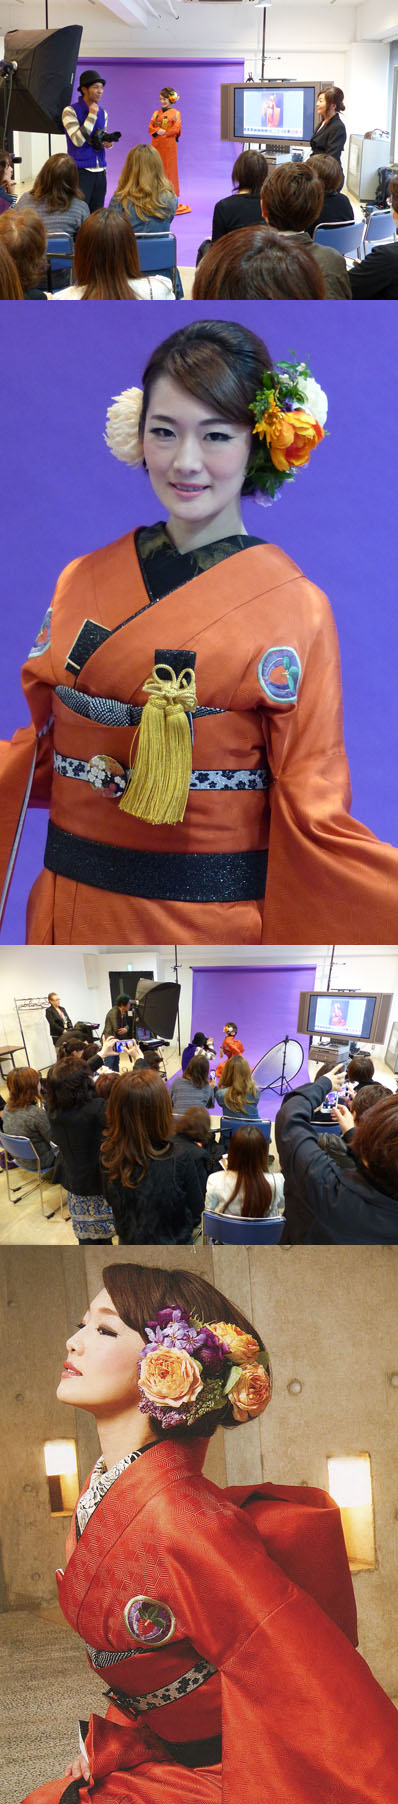 フォトメイキングの講座風景とフォトセッション用の作品。最上の写真・右が平山恵子さん。(会場は、美容会館6階)